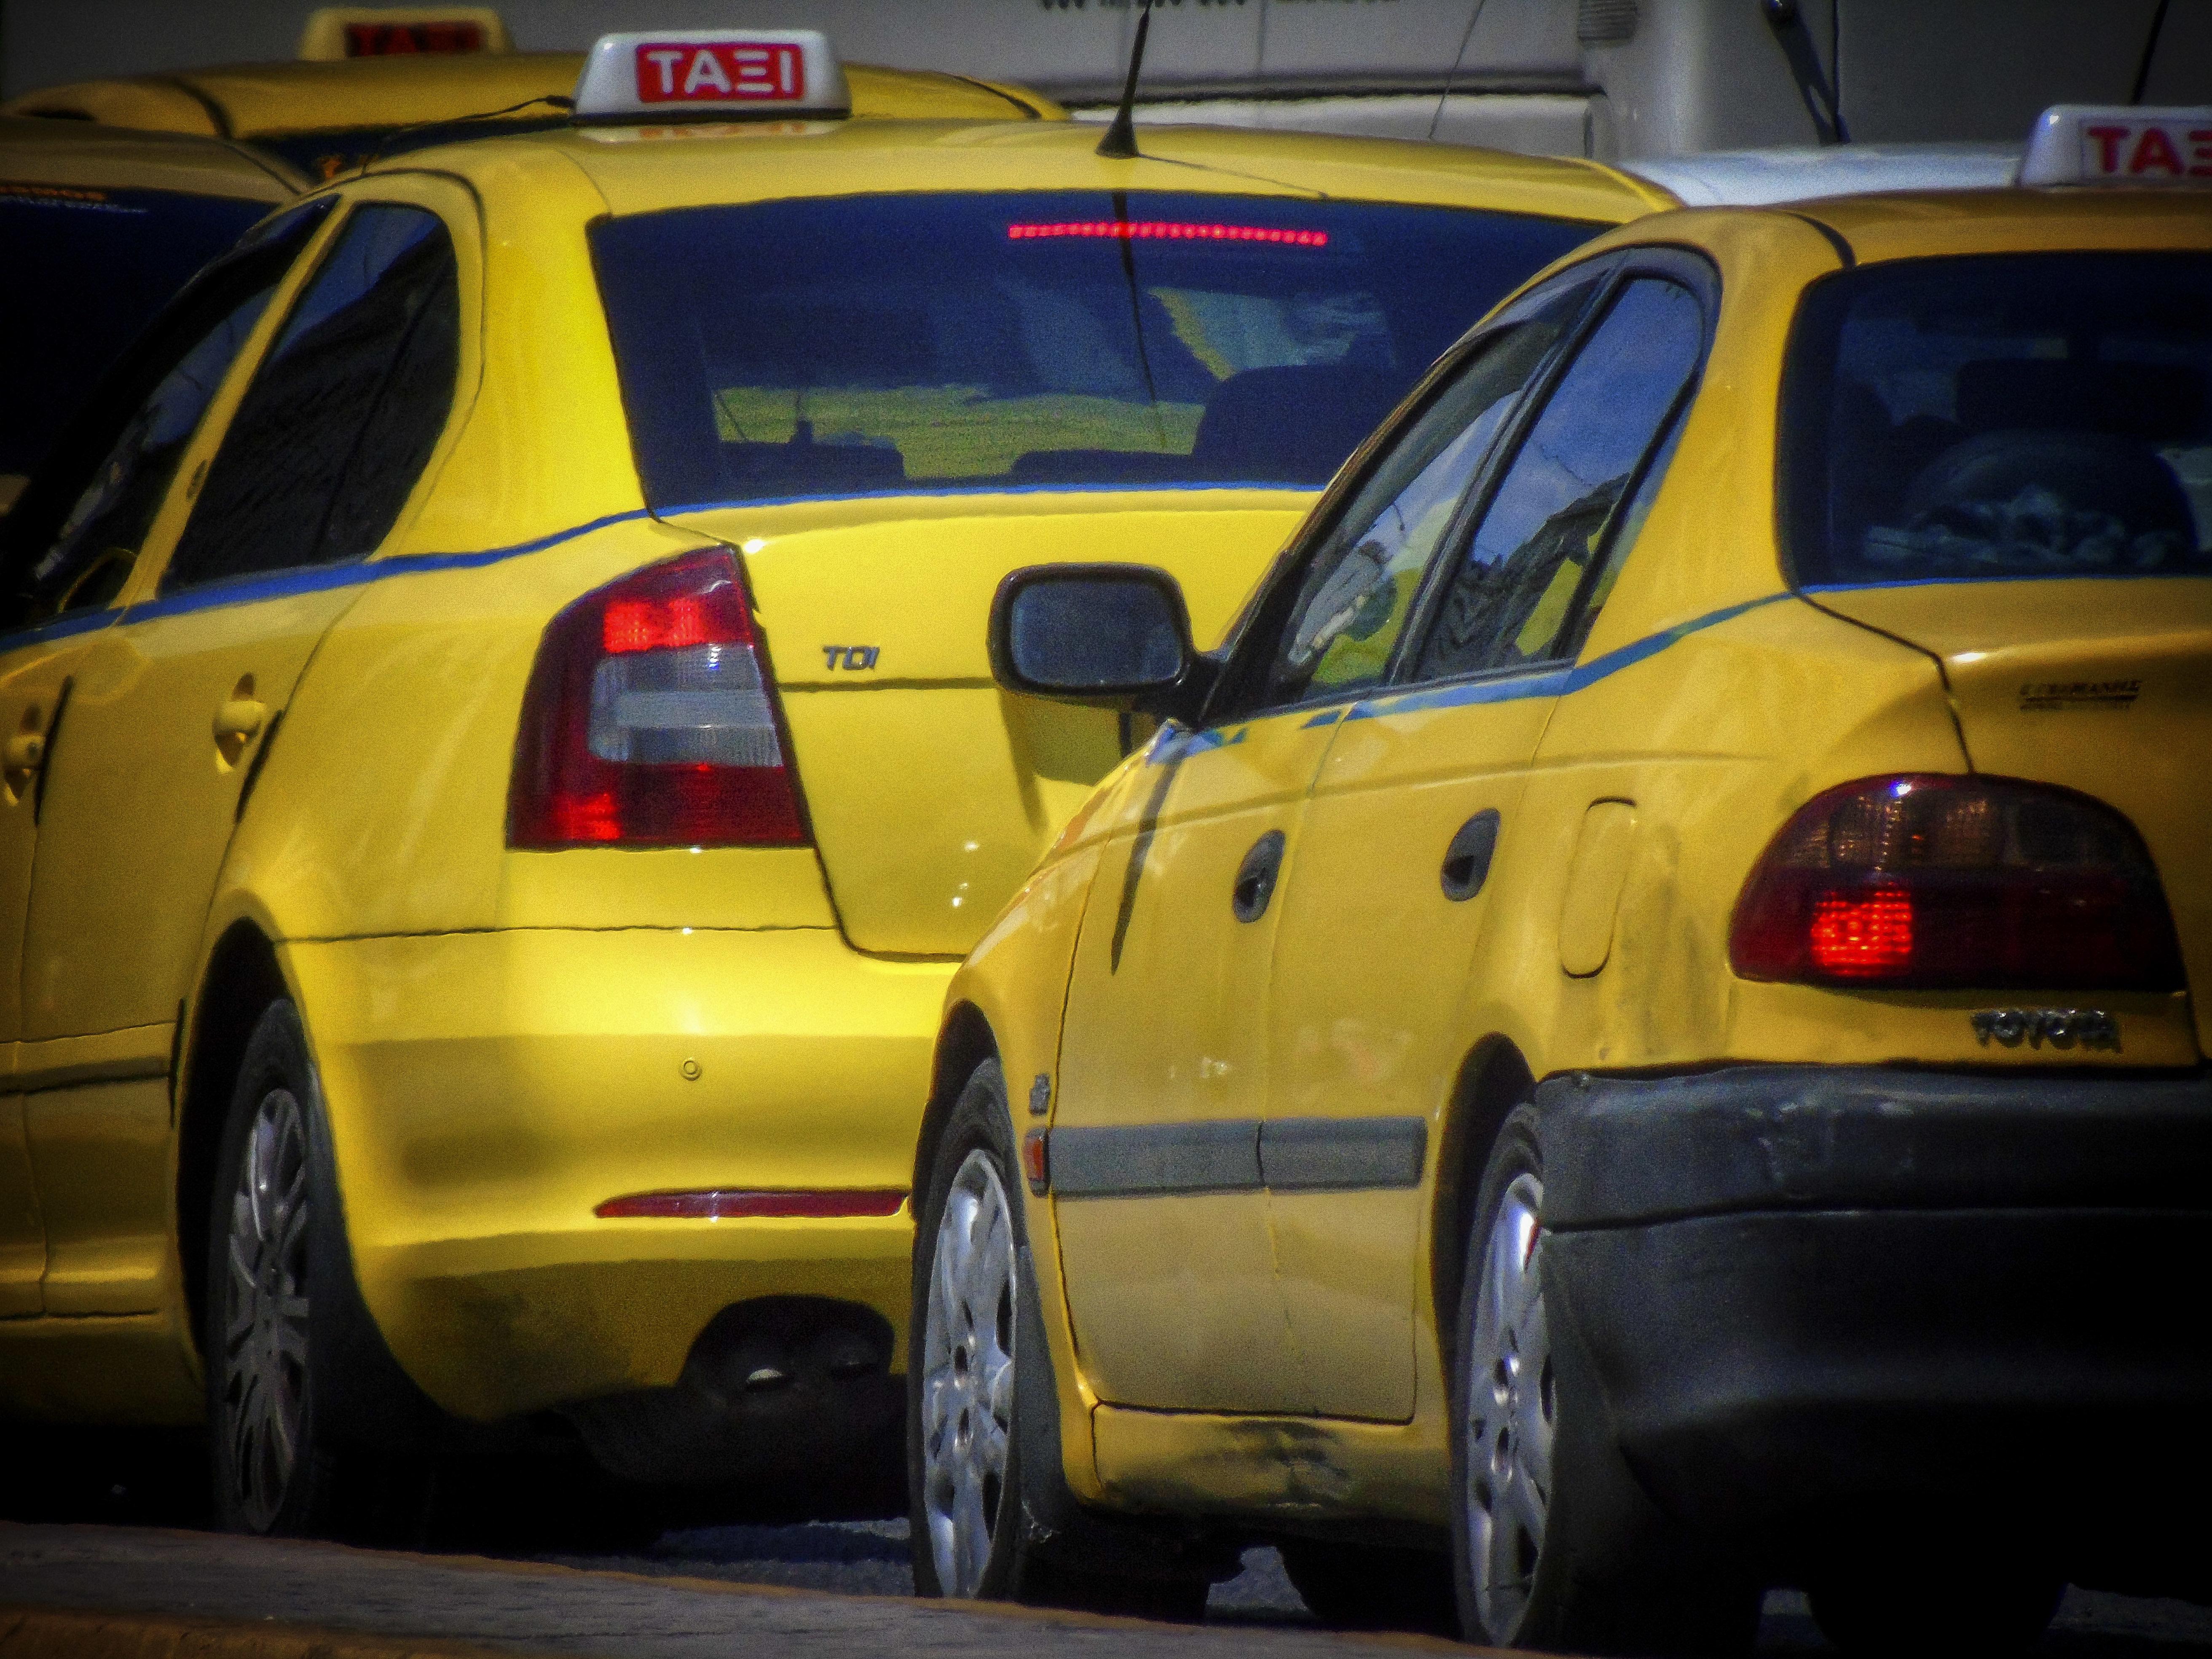 Χωρίς ταξί την Πέμπτη η χώρα -Με 12ωρη στάση υπερασπίζονται οι οδηγοί τον